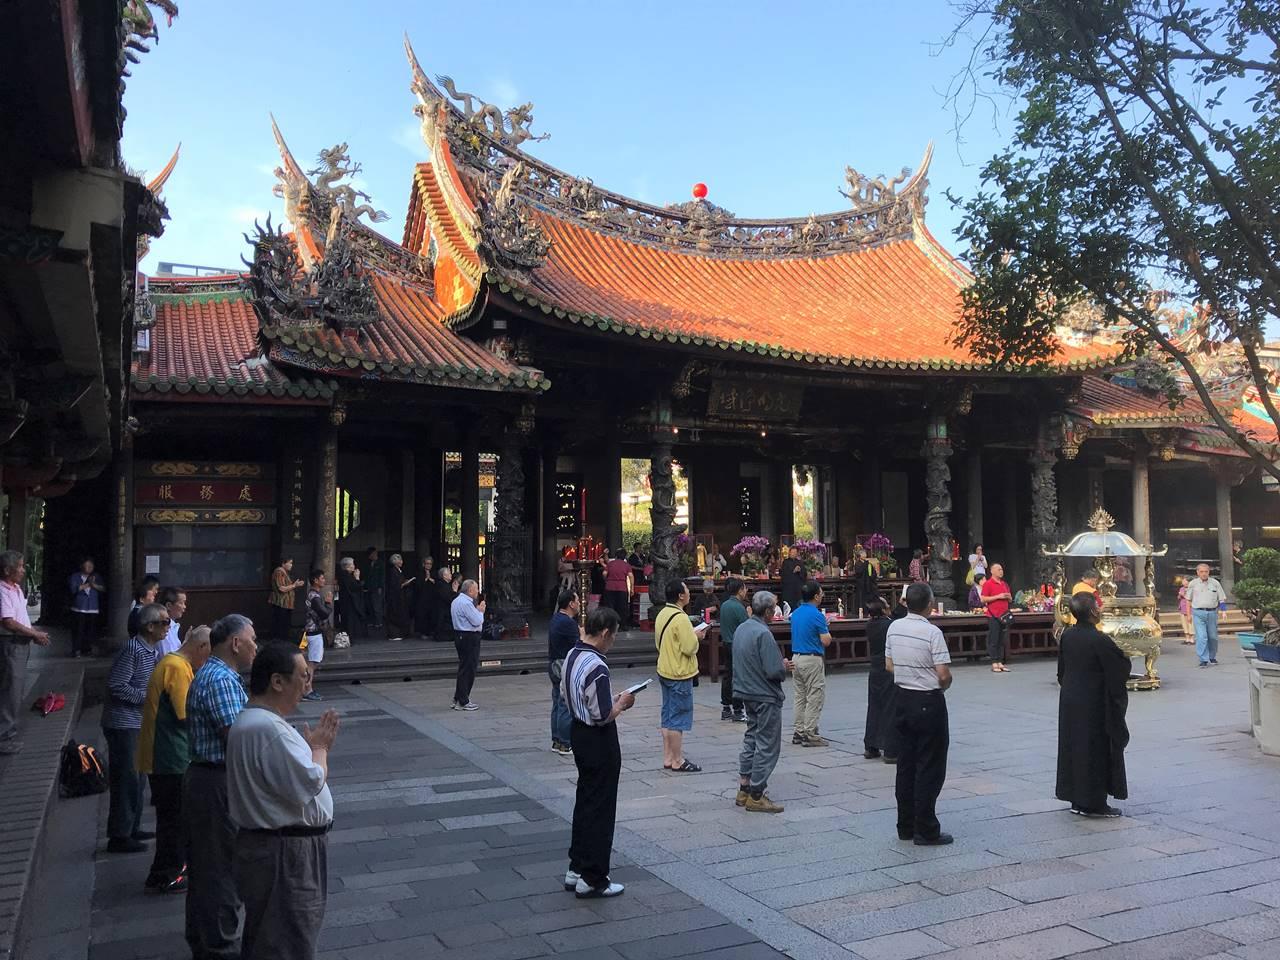 台湾・台北 龍山寺 朝の祈り